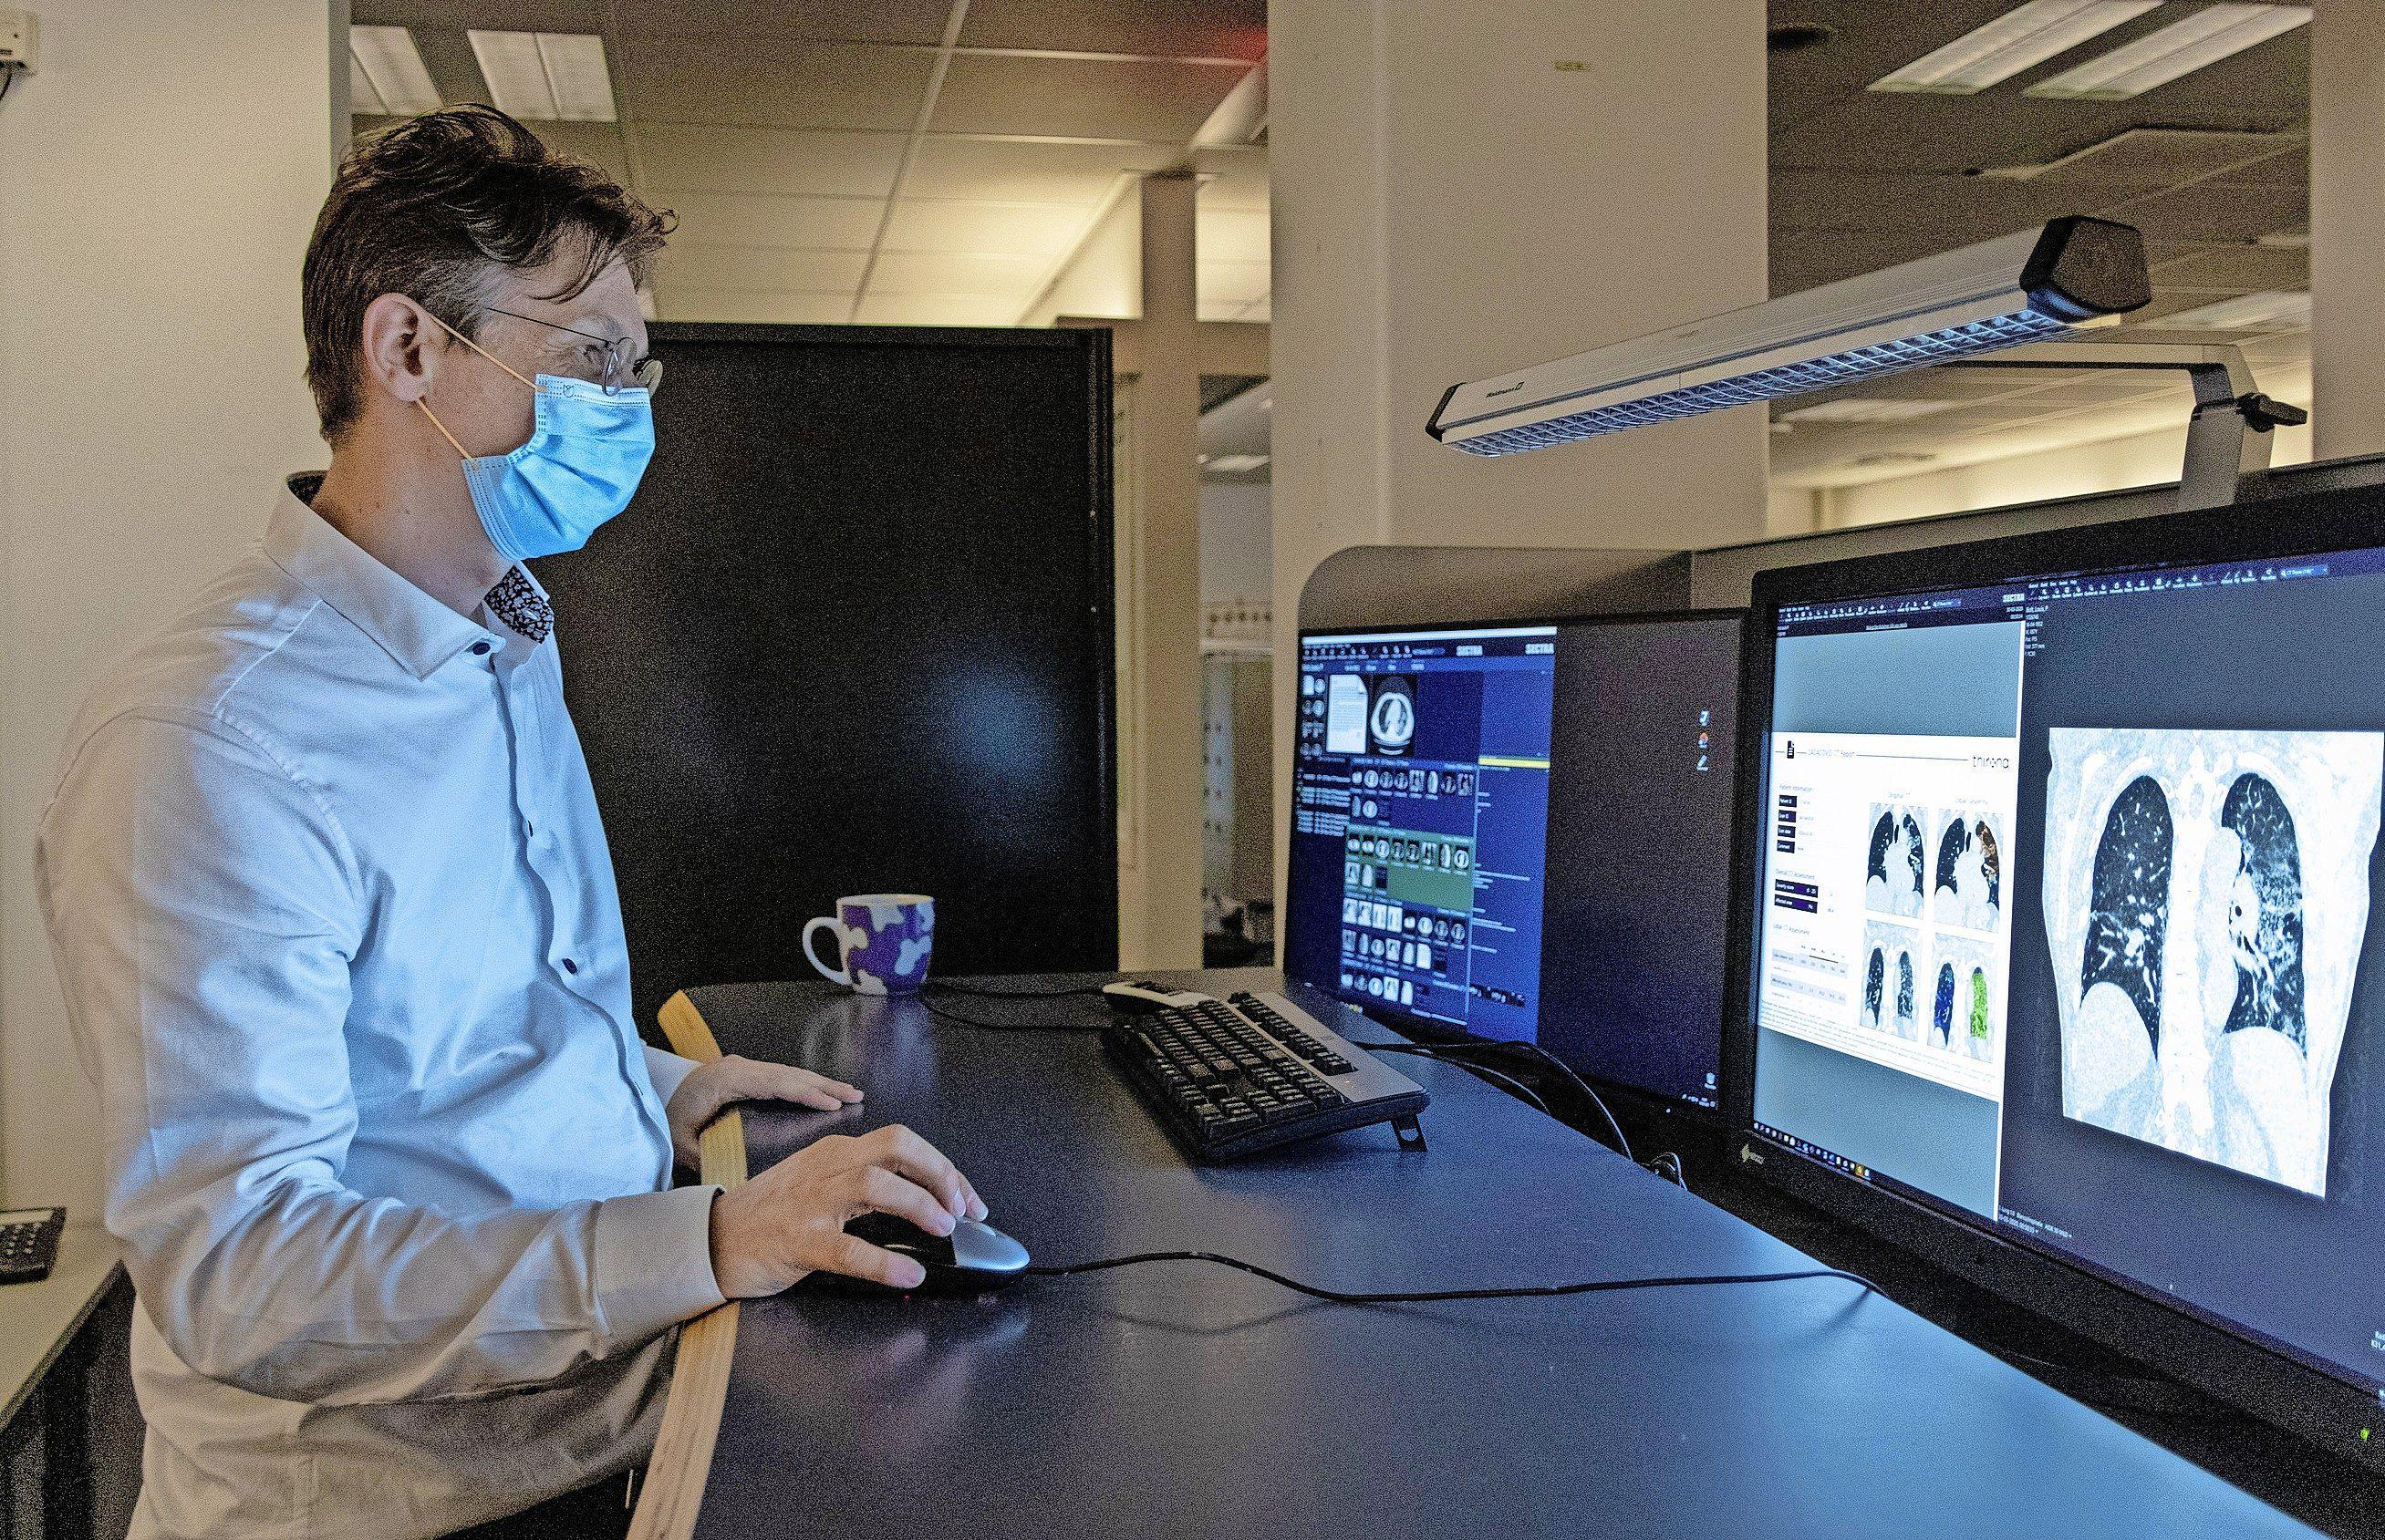 Computer in LUMC zoekt naar longschade door Covid. Radioloog Hildo Lamb is blij met hulp kunstmatige intelligentie